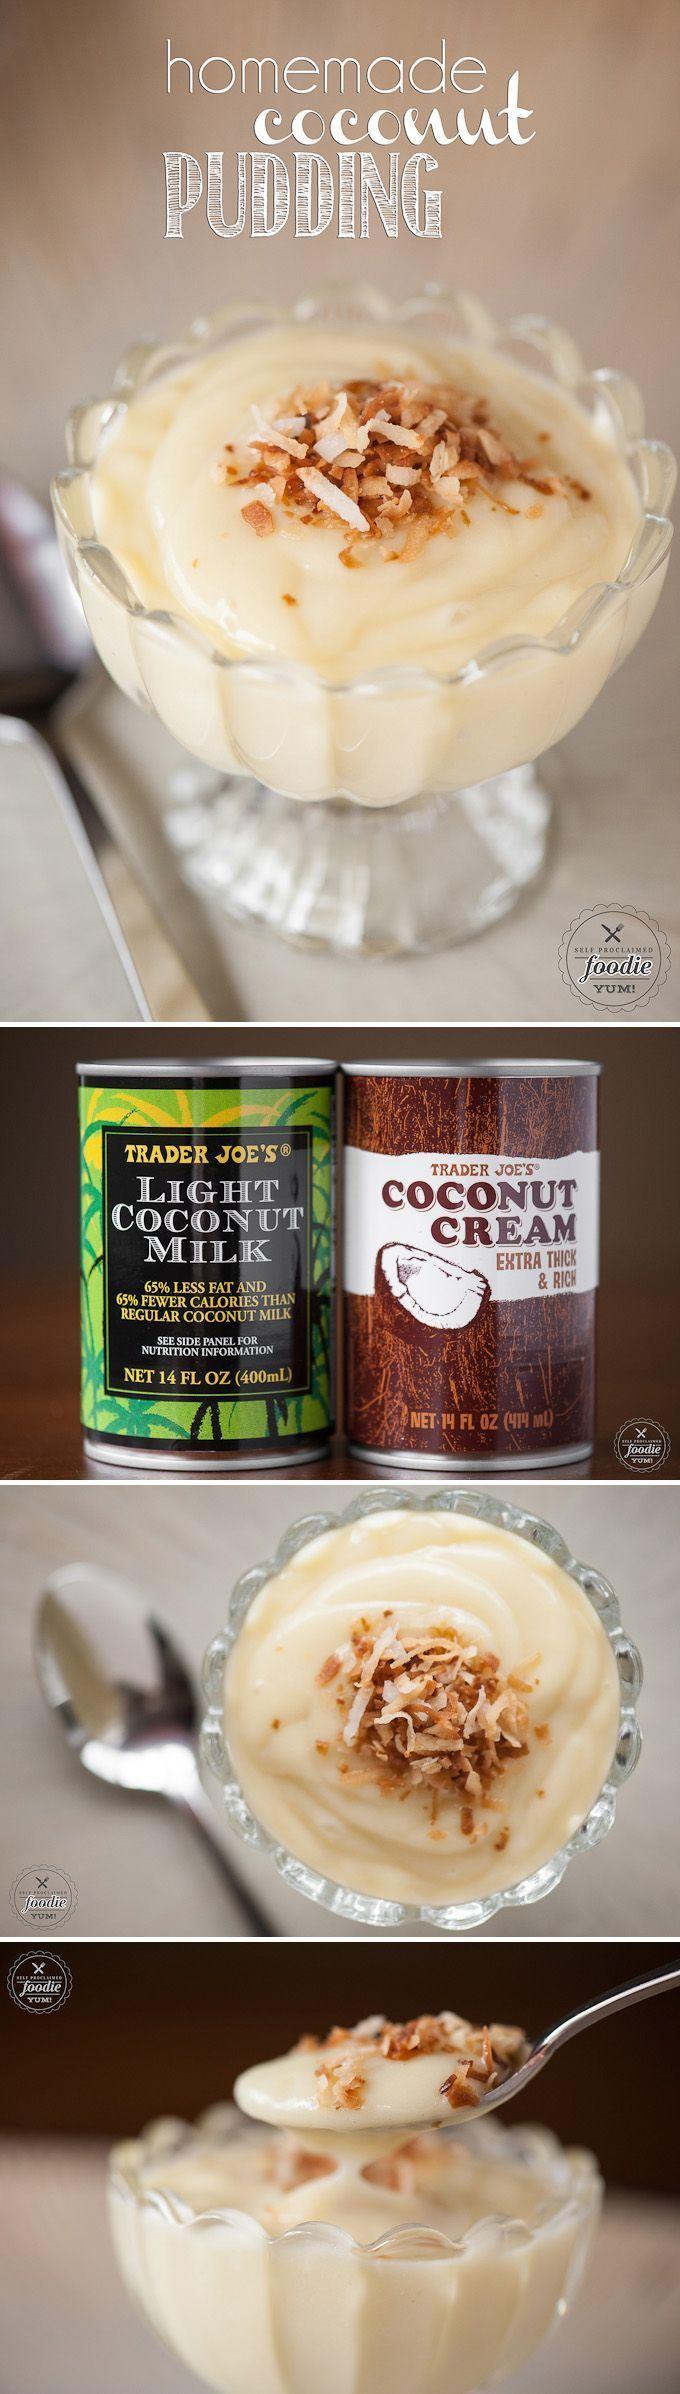 Dieser altmodische hausgemachte Kokosnusspudding aus Kokosmilch und Kokos ...   - recipes -